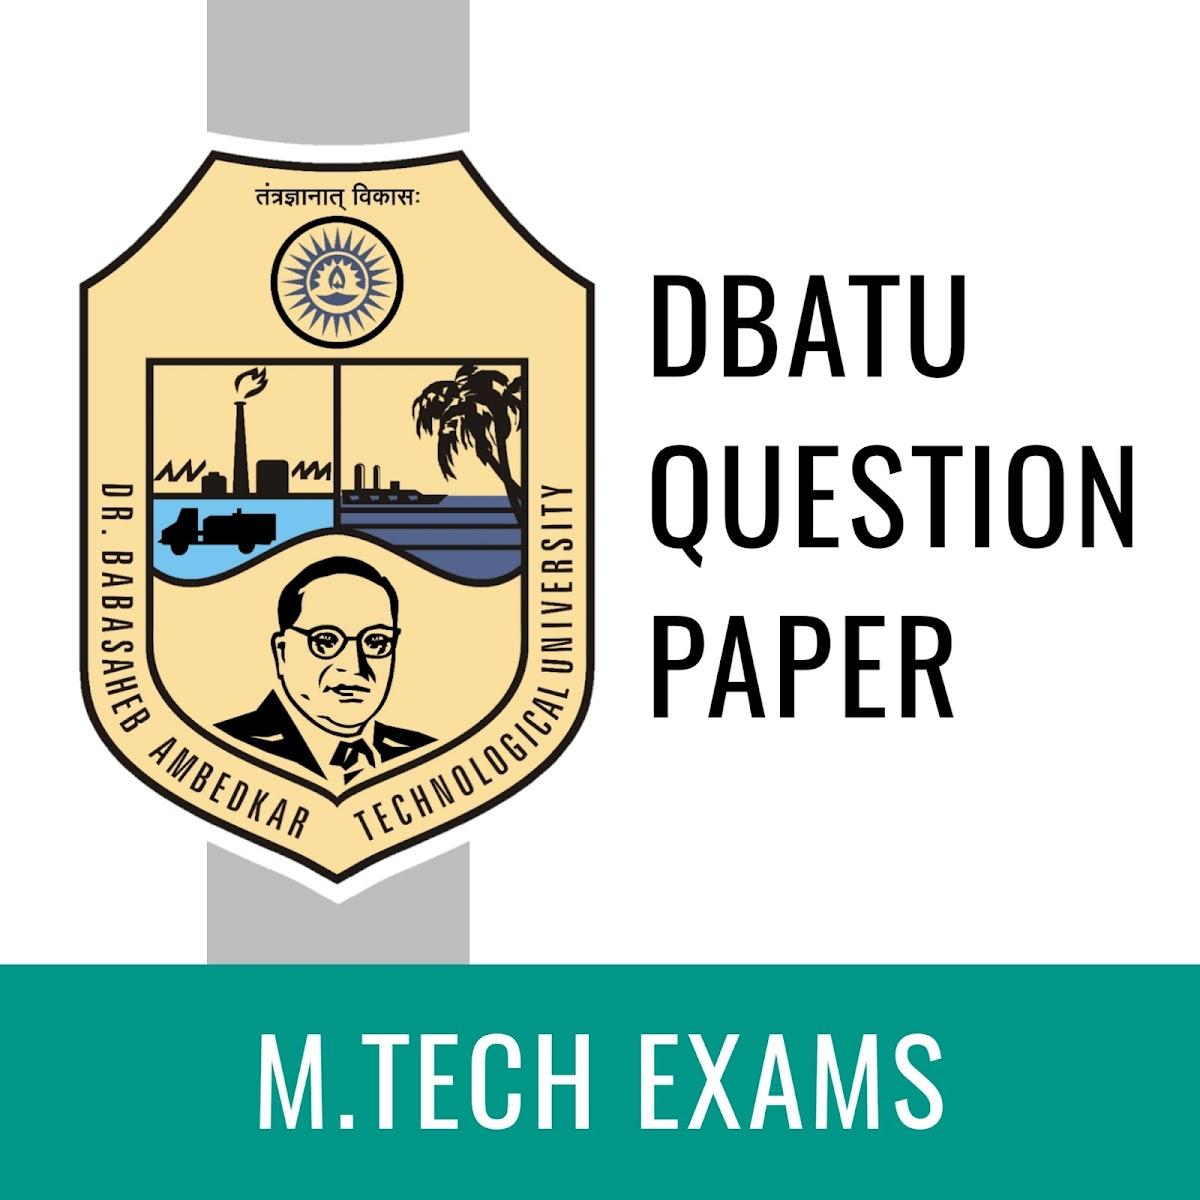 batu mtech papers